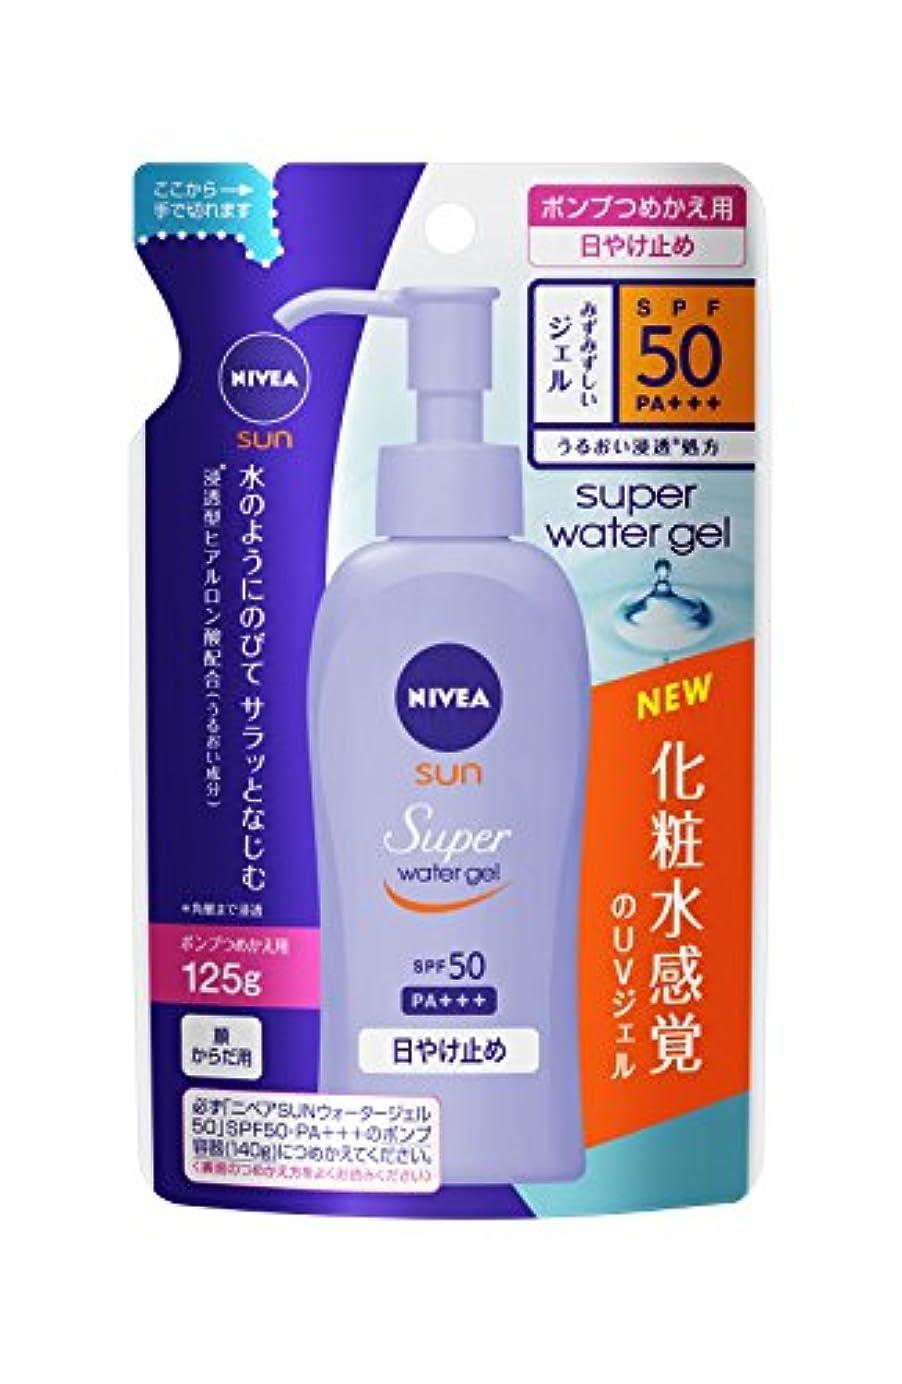 愛情スーツケースレッドデートニベアサン プロテクトウォータージェル SPF50/PA+++ つめかえ用 125g